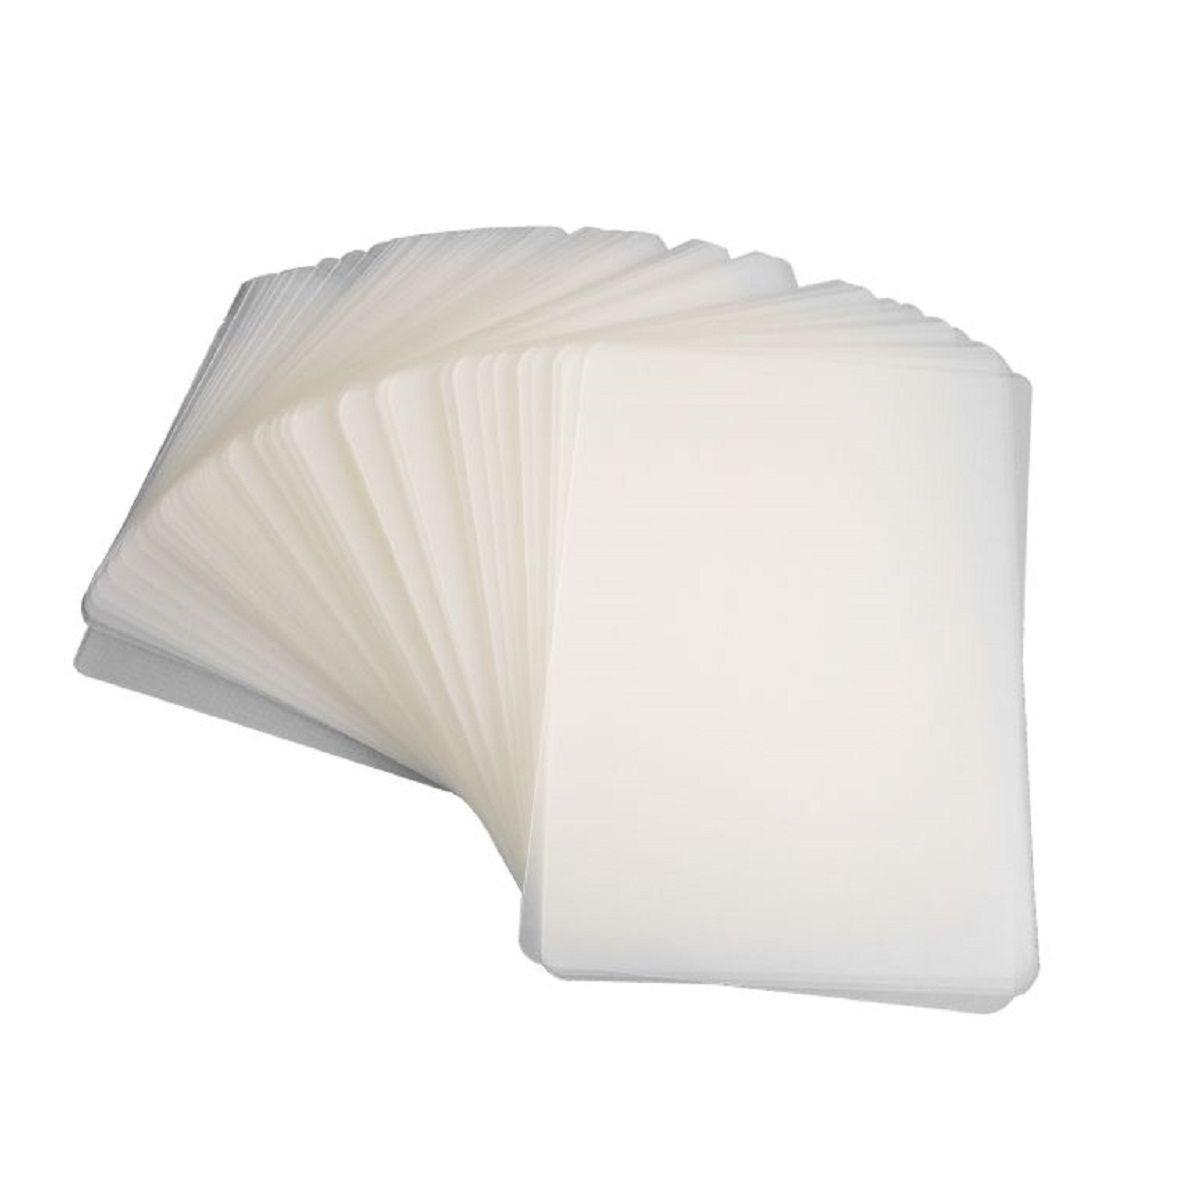 Kit 300 Plasticos Polaseal para Plastificação RG 80x110x0,07mm (175 micras)  - Click Suprimentos